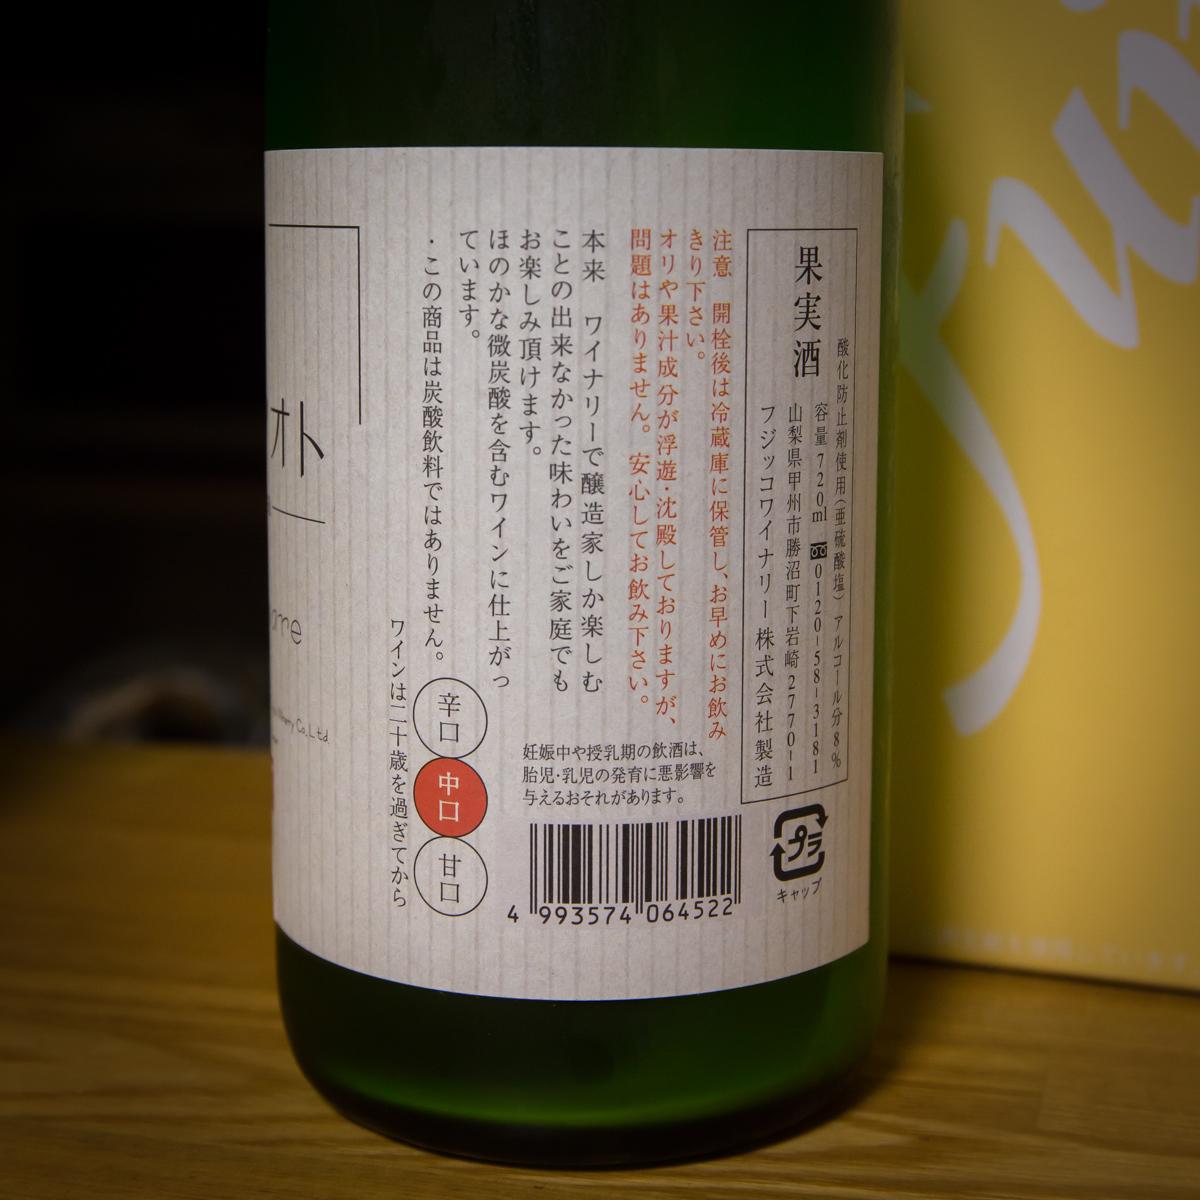 山梨のワイン2本(7)